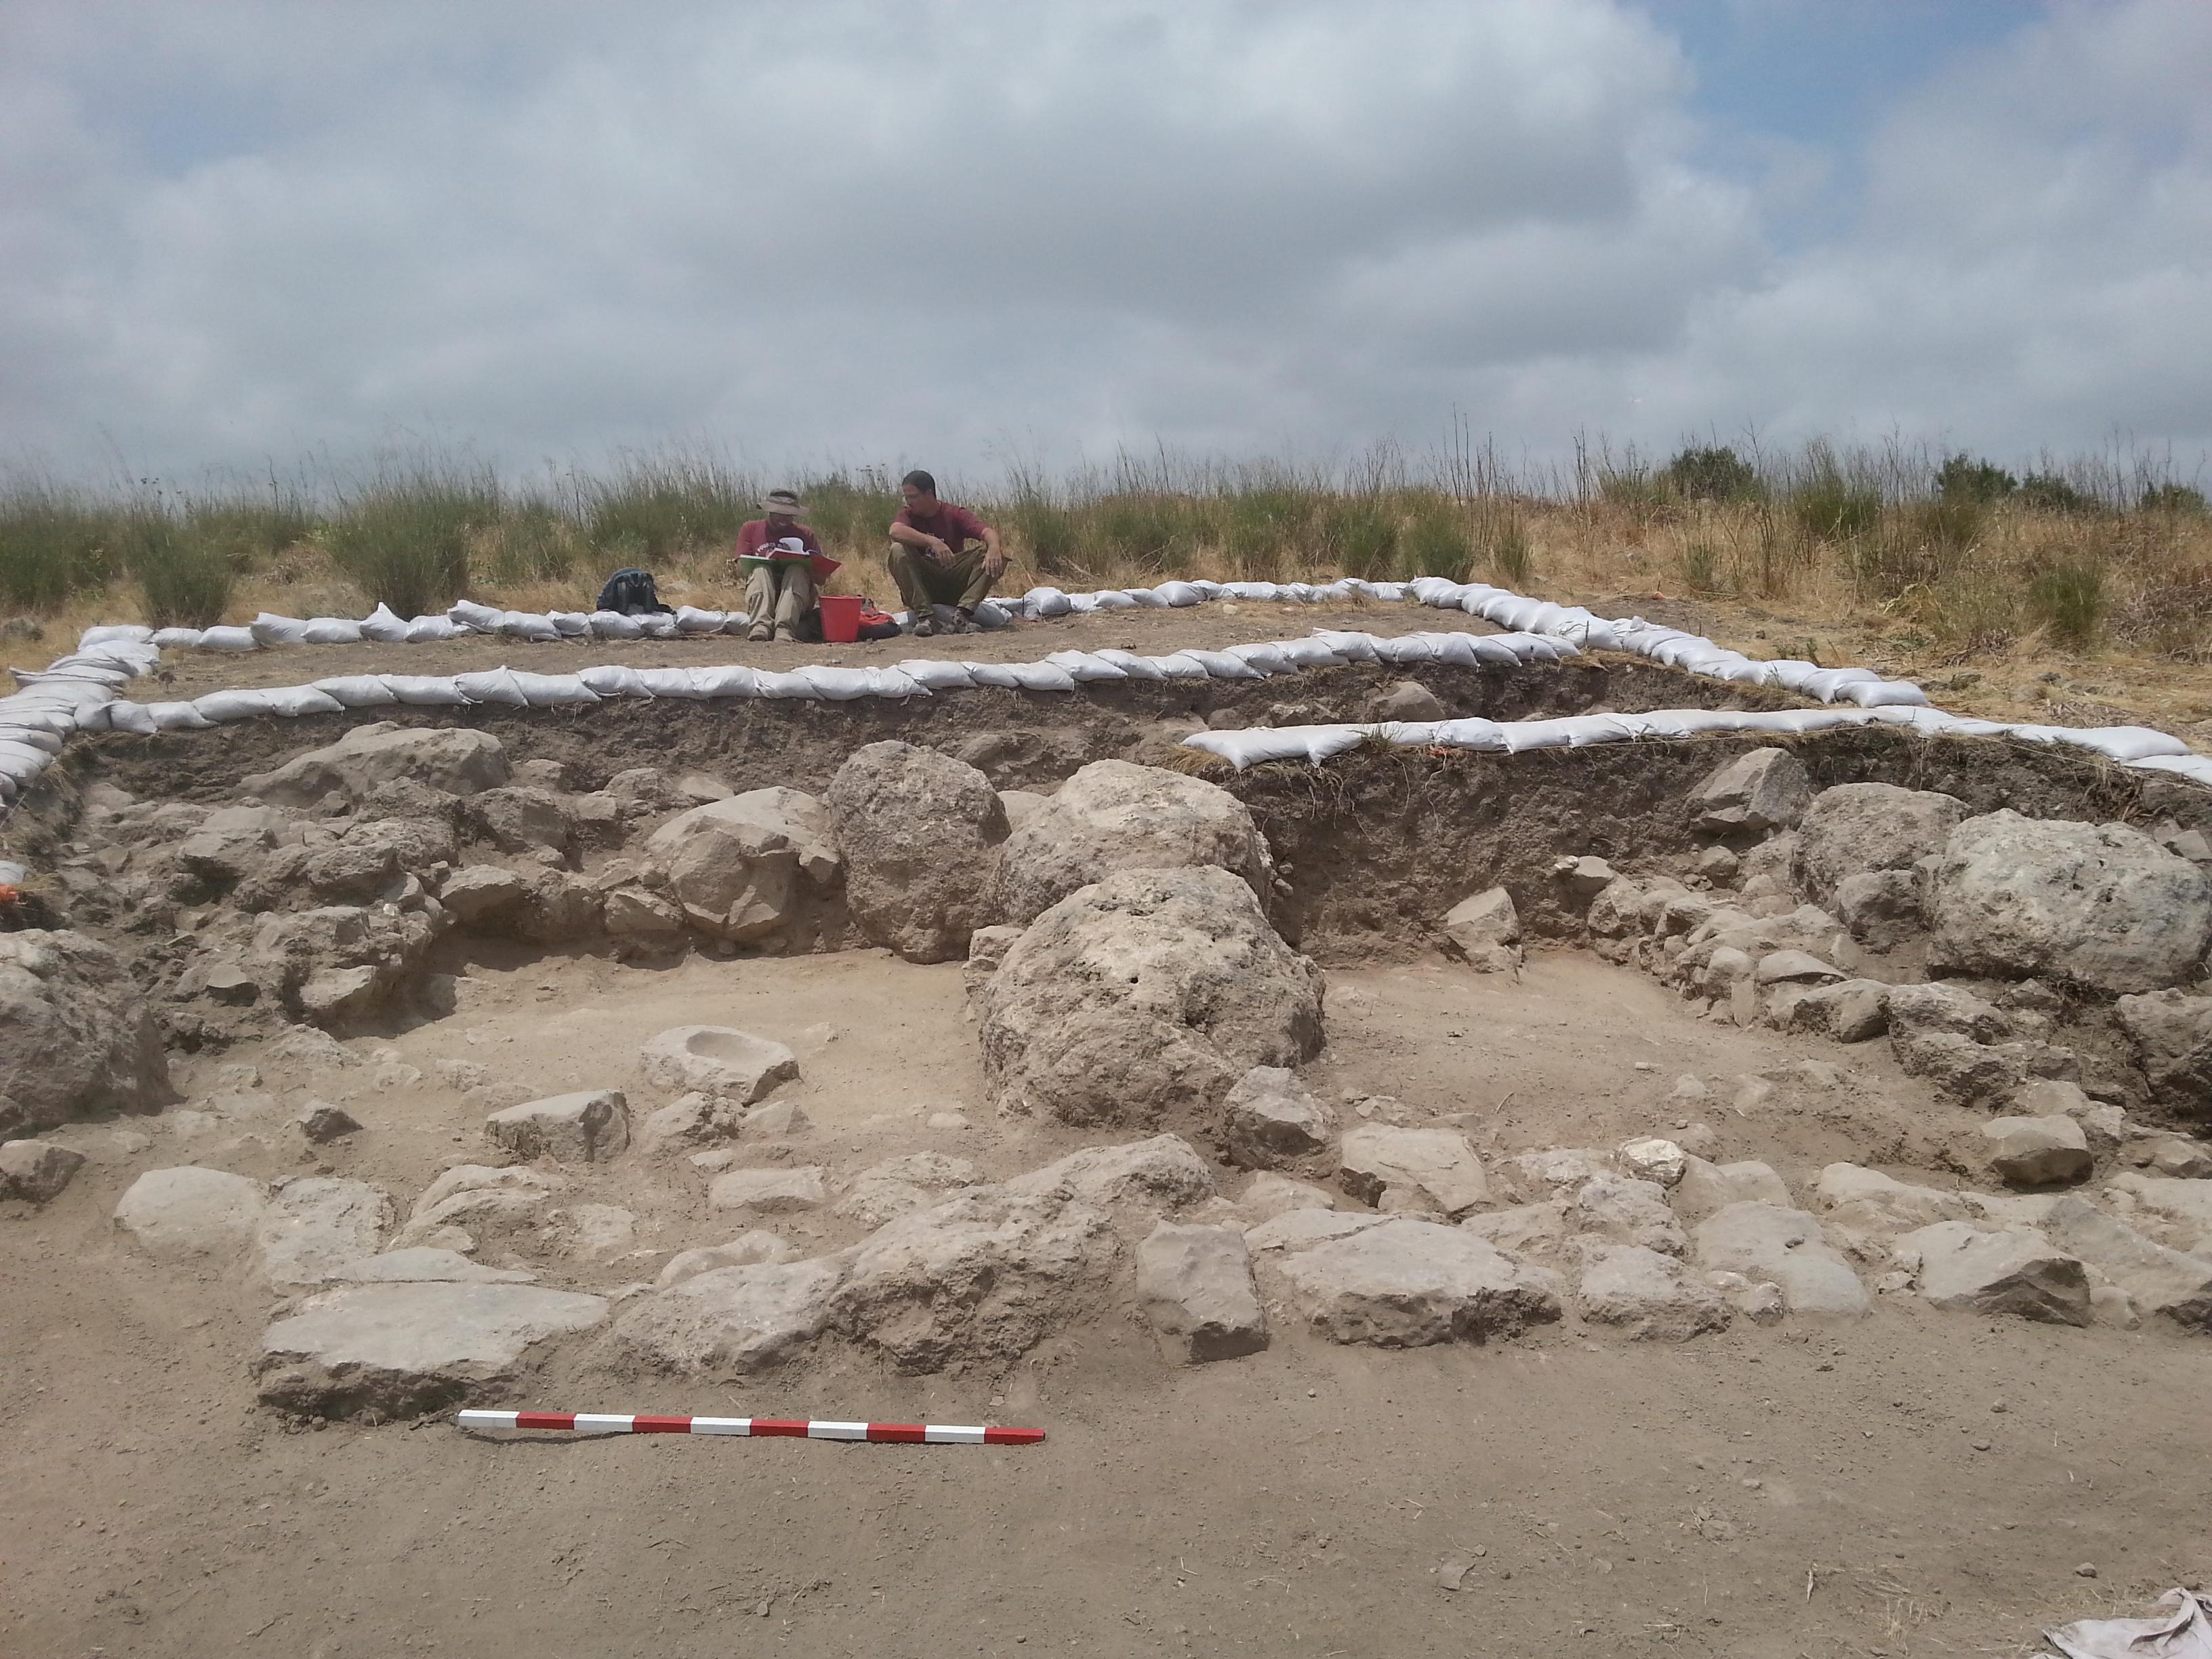 החפירה הארכיאולוגית בצקלג. צילום משלחת החפירות לחורבת אל-רעי